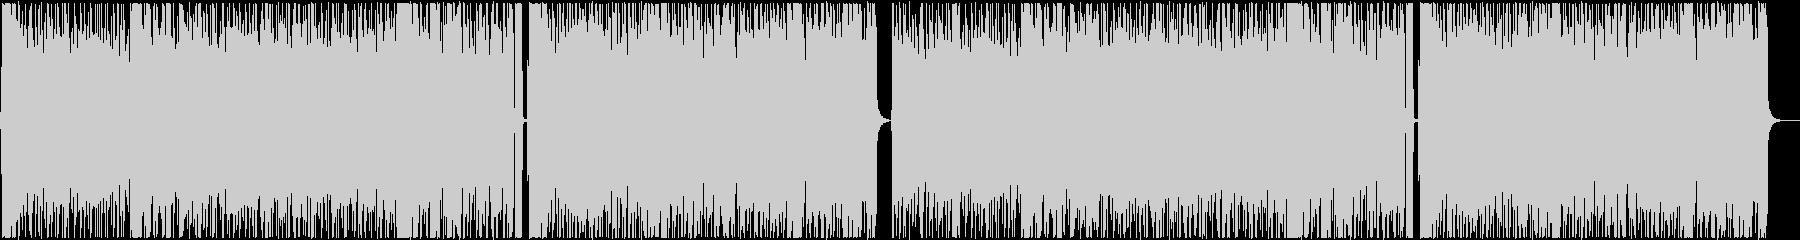 爽やかなアコギ主体のBGMの未再生の波形